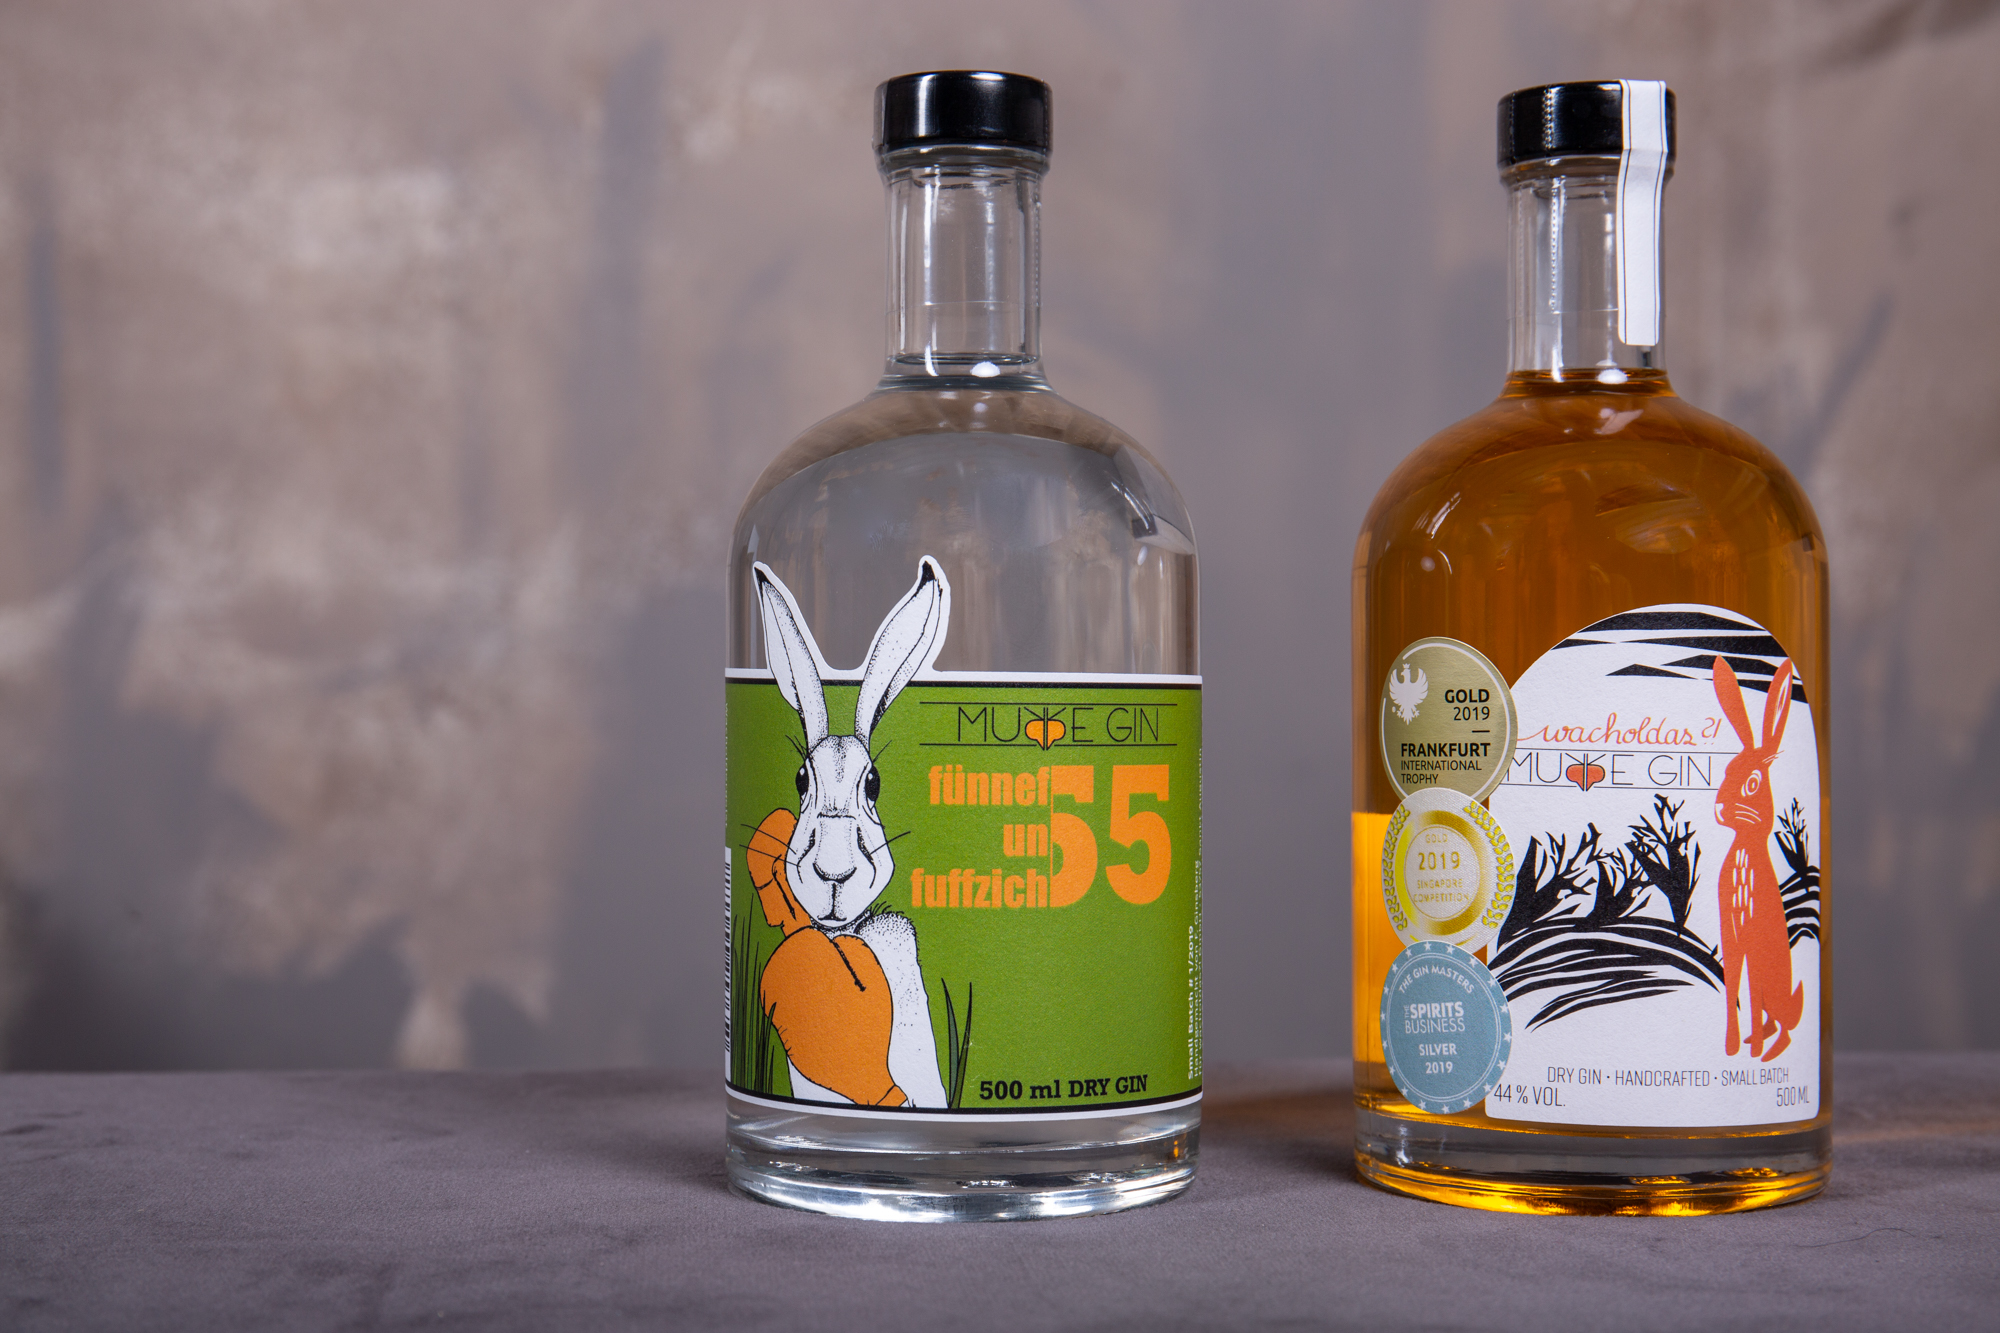 Murre Gin neben dem Fünnefunfuffzich - dank der 55% Alkohol ist der Fünnefunfuffzich präsenter in Cocktails und bringt seine Botanicals auch beim puren Genuss stärker hervor